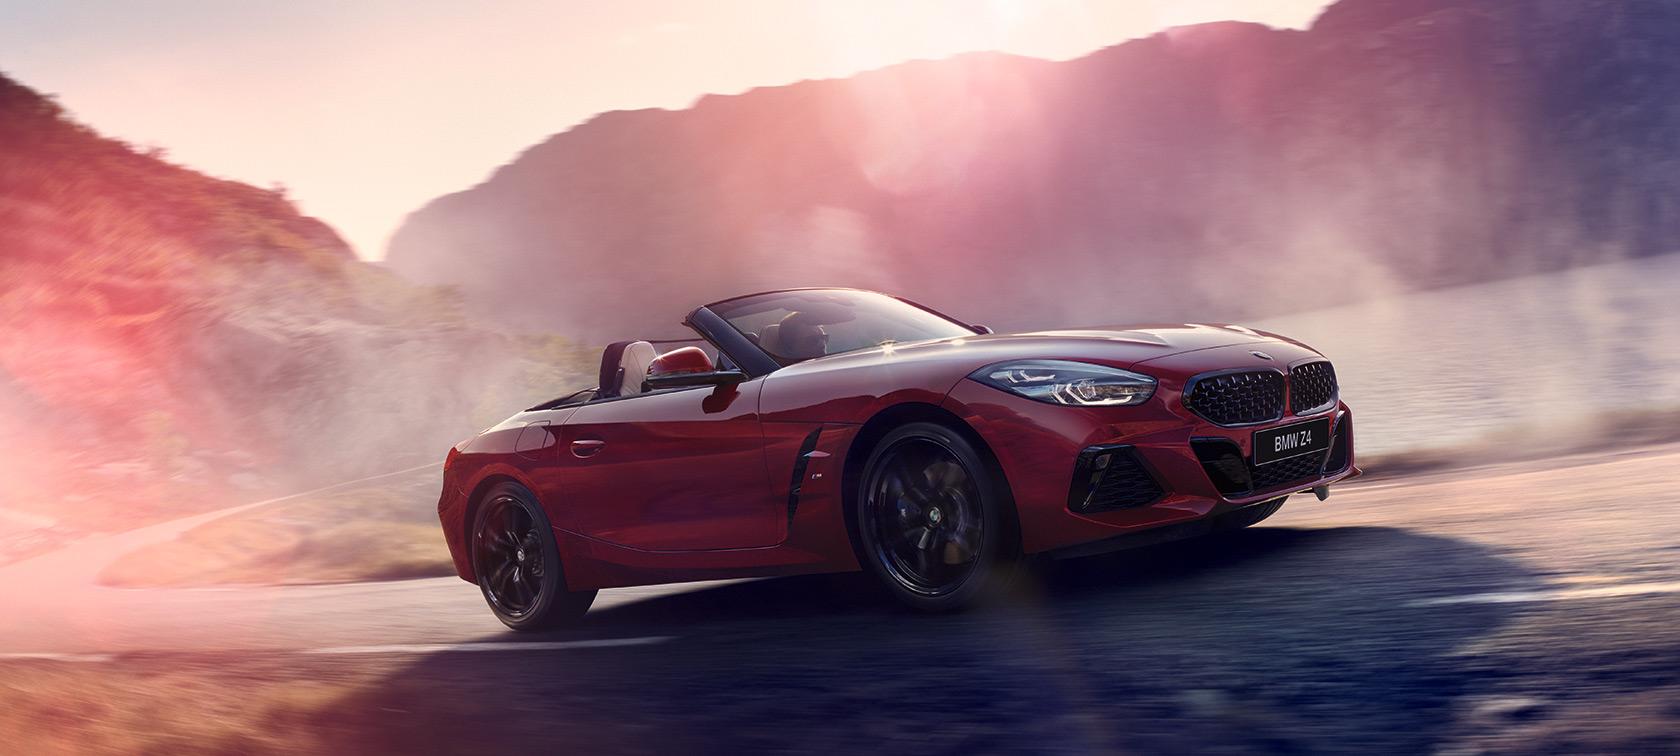 BMW Z4 Roadster преодолевает подъем